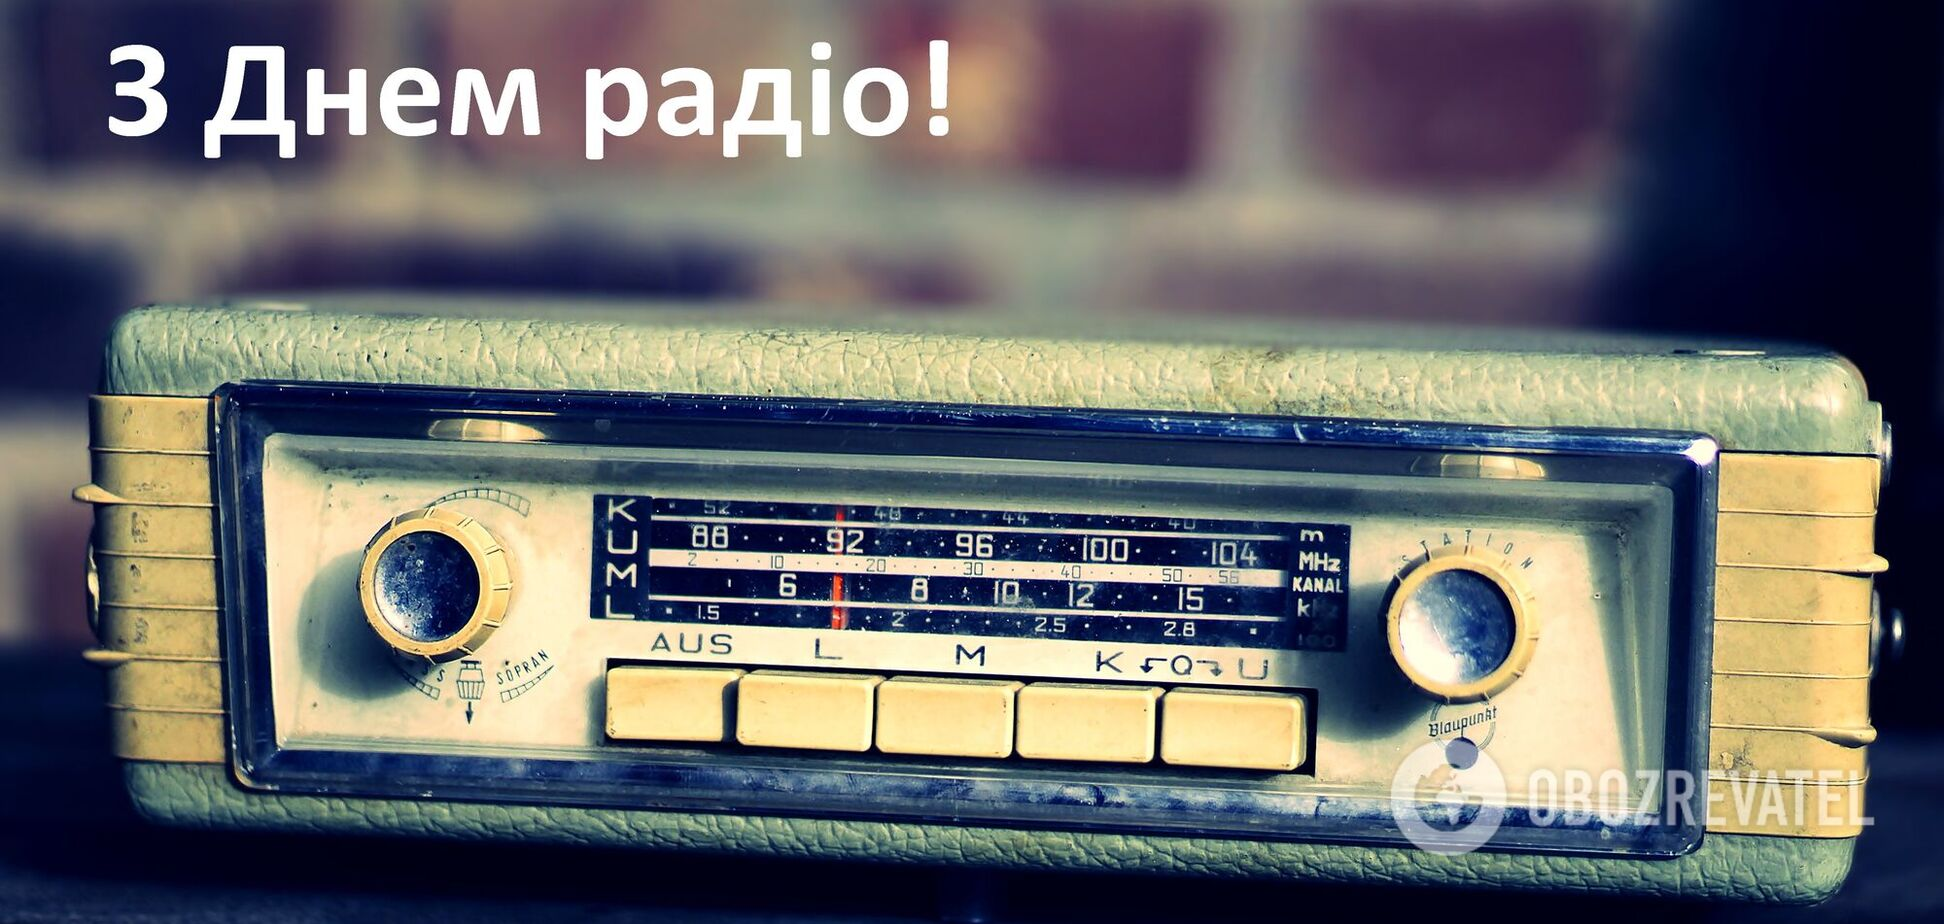 День радіо в Україні та інших країнах світу відзначається 7 травня